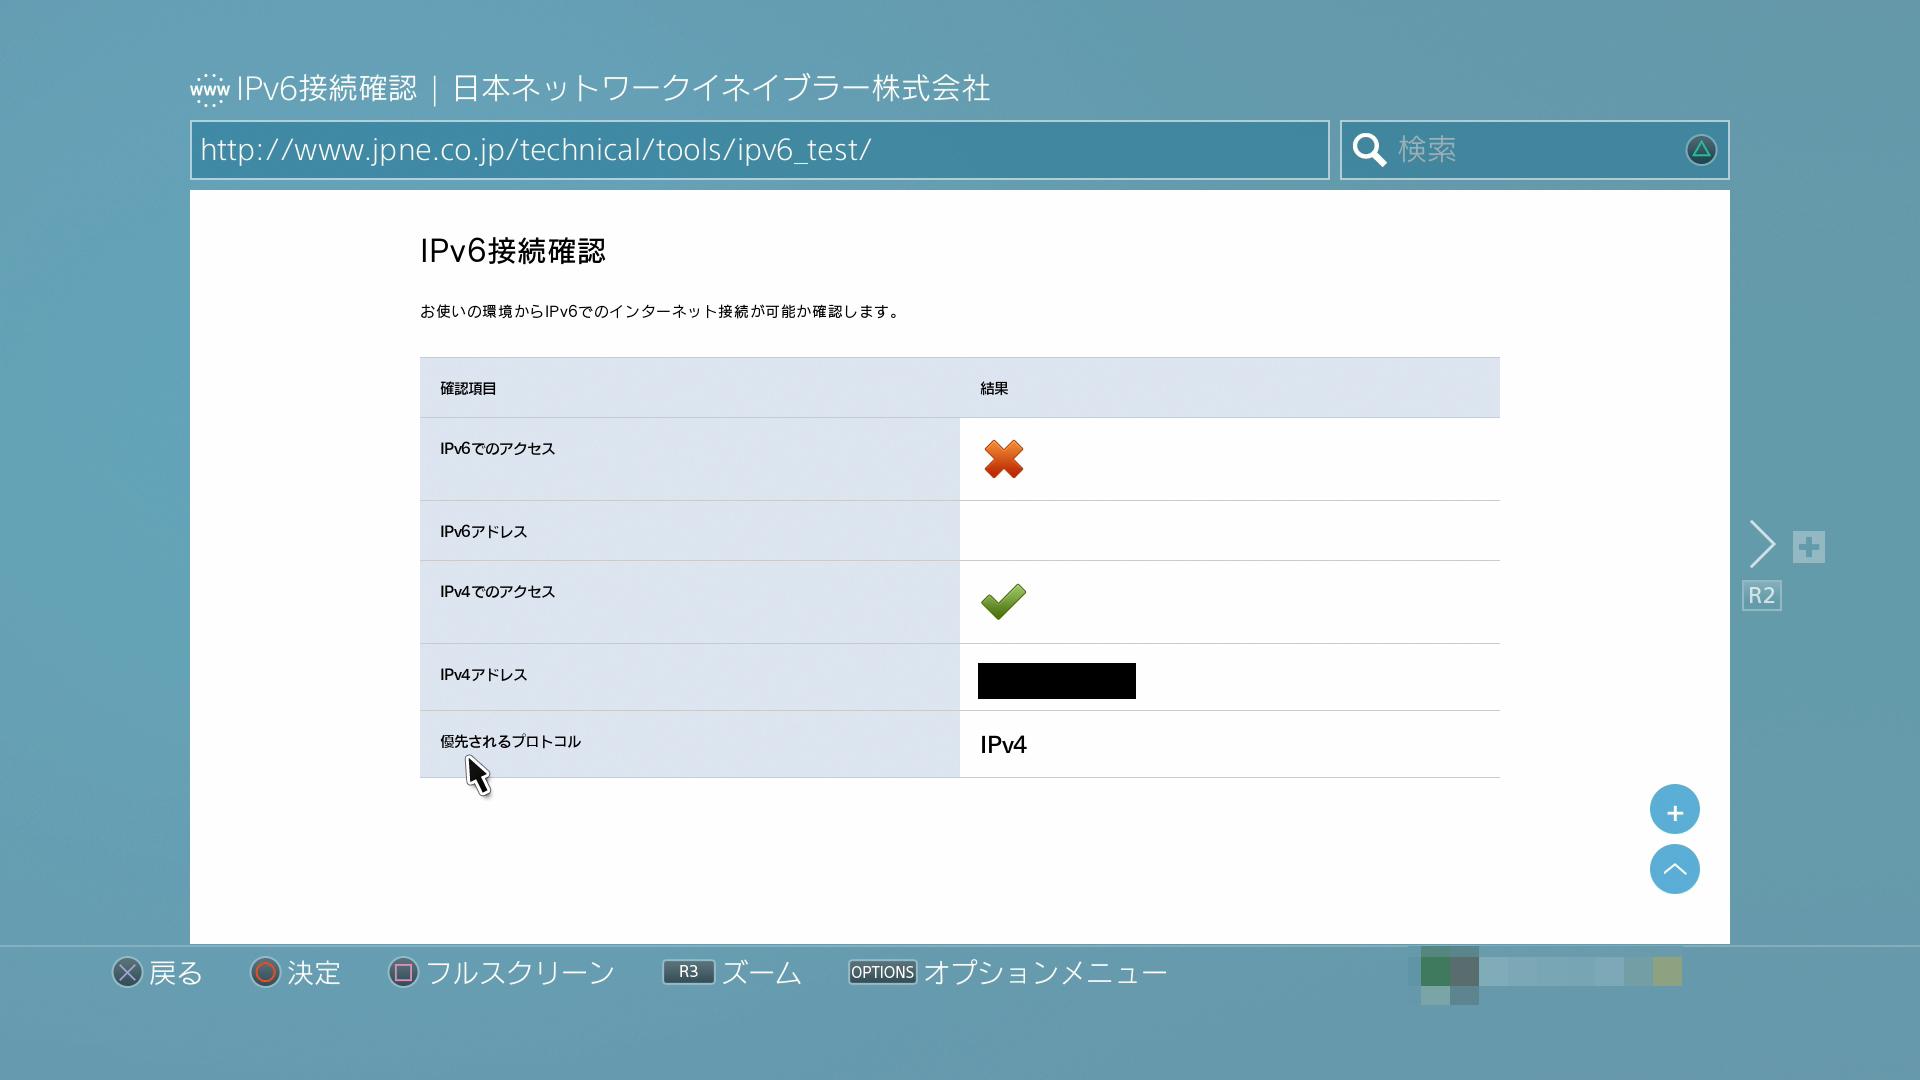 PS4はIPv6非対応のため、JPNEの診断ツールを使うとIPv4で接続されていることがわかる